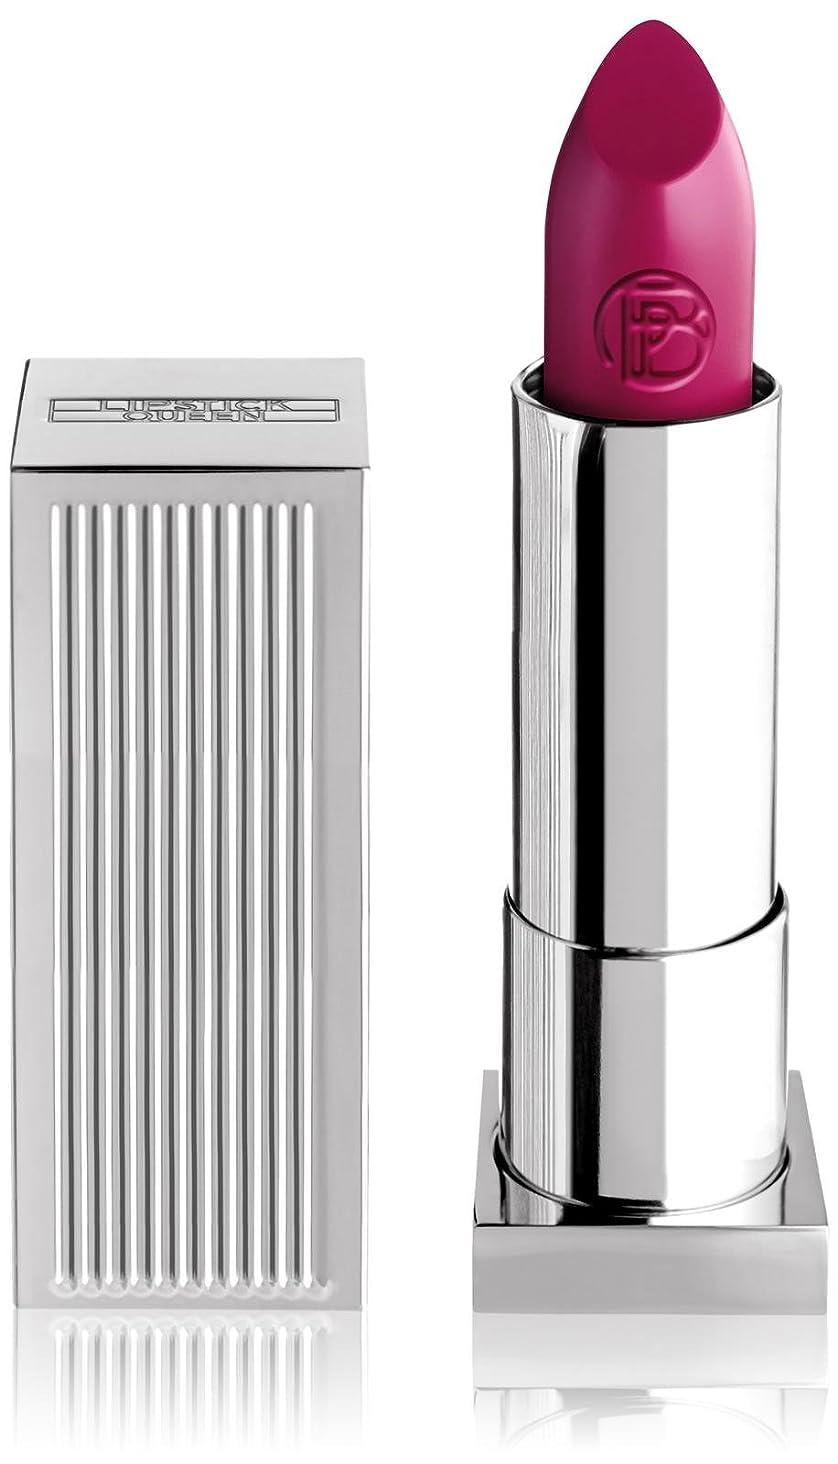 歩き回るお風呂を持っているハードウェアリップスティック クィーン Silver Screen Lipstick - # Play It (The Exotically Glamorous Hot Pink) 3.5g/0.12oz並行輸入品